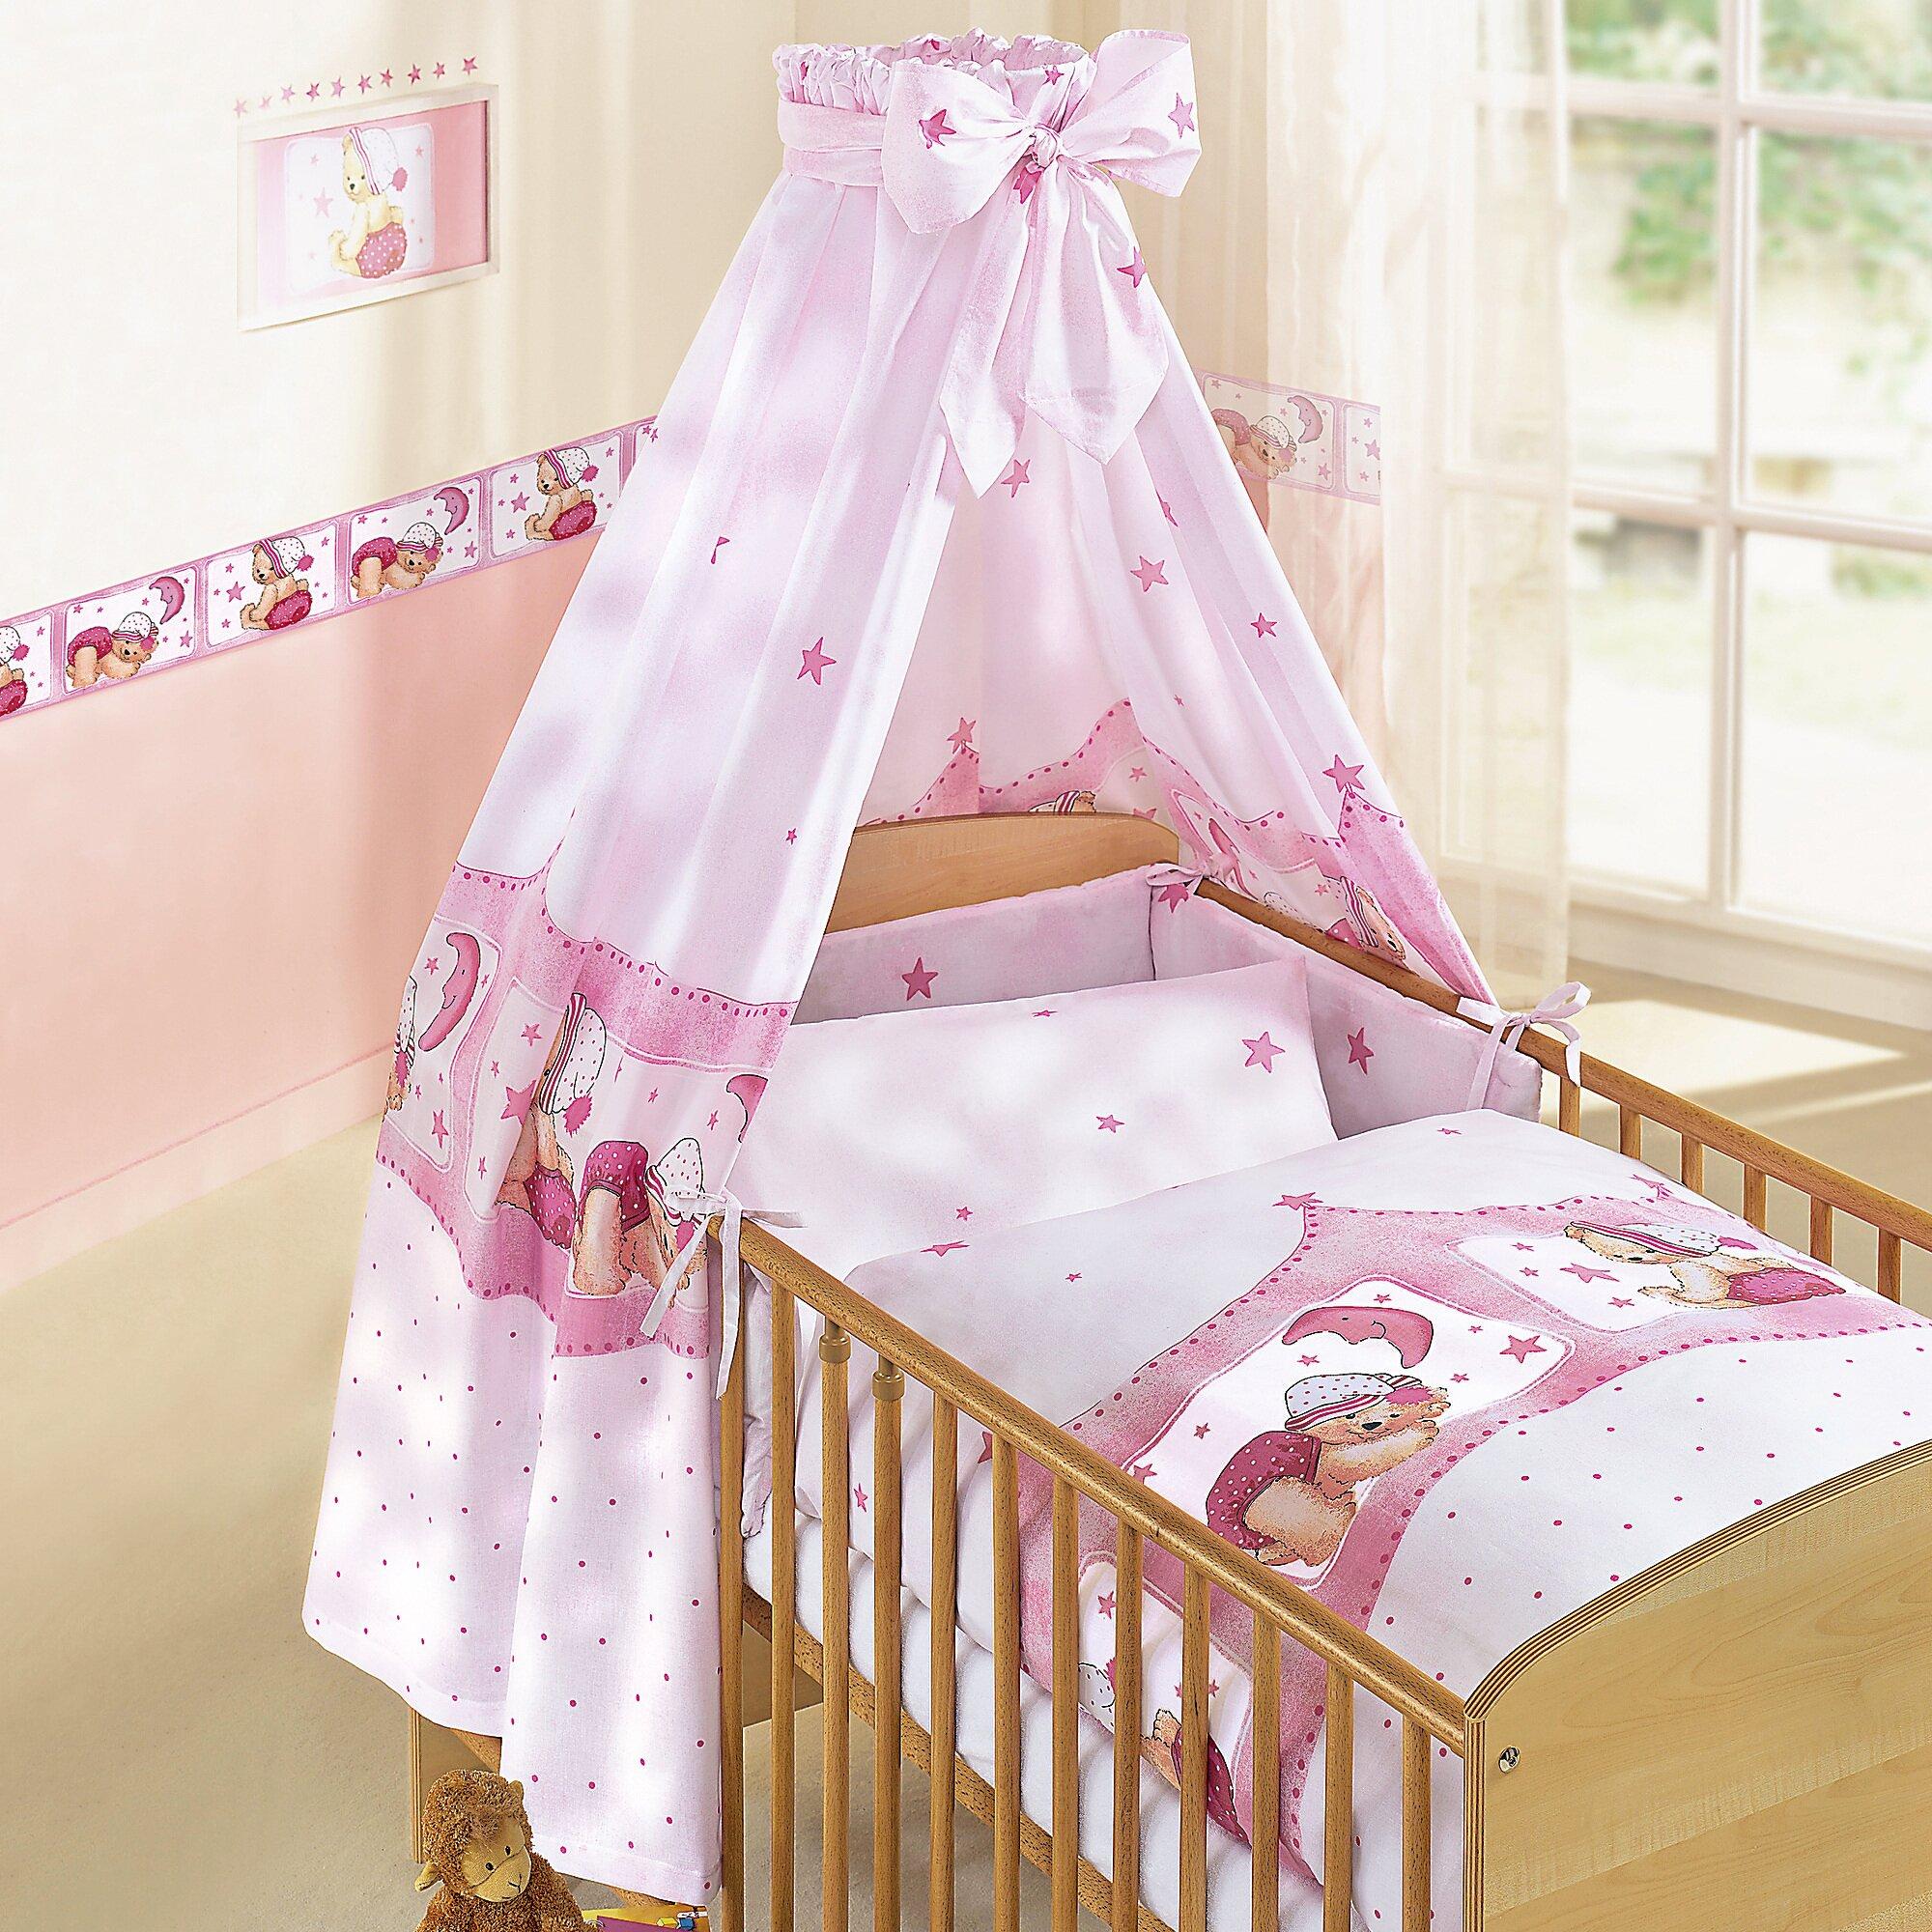 zollner-4-tlg-babybettausstattung-kuschelbar-rosa